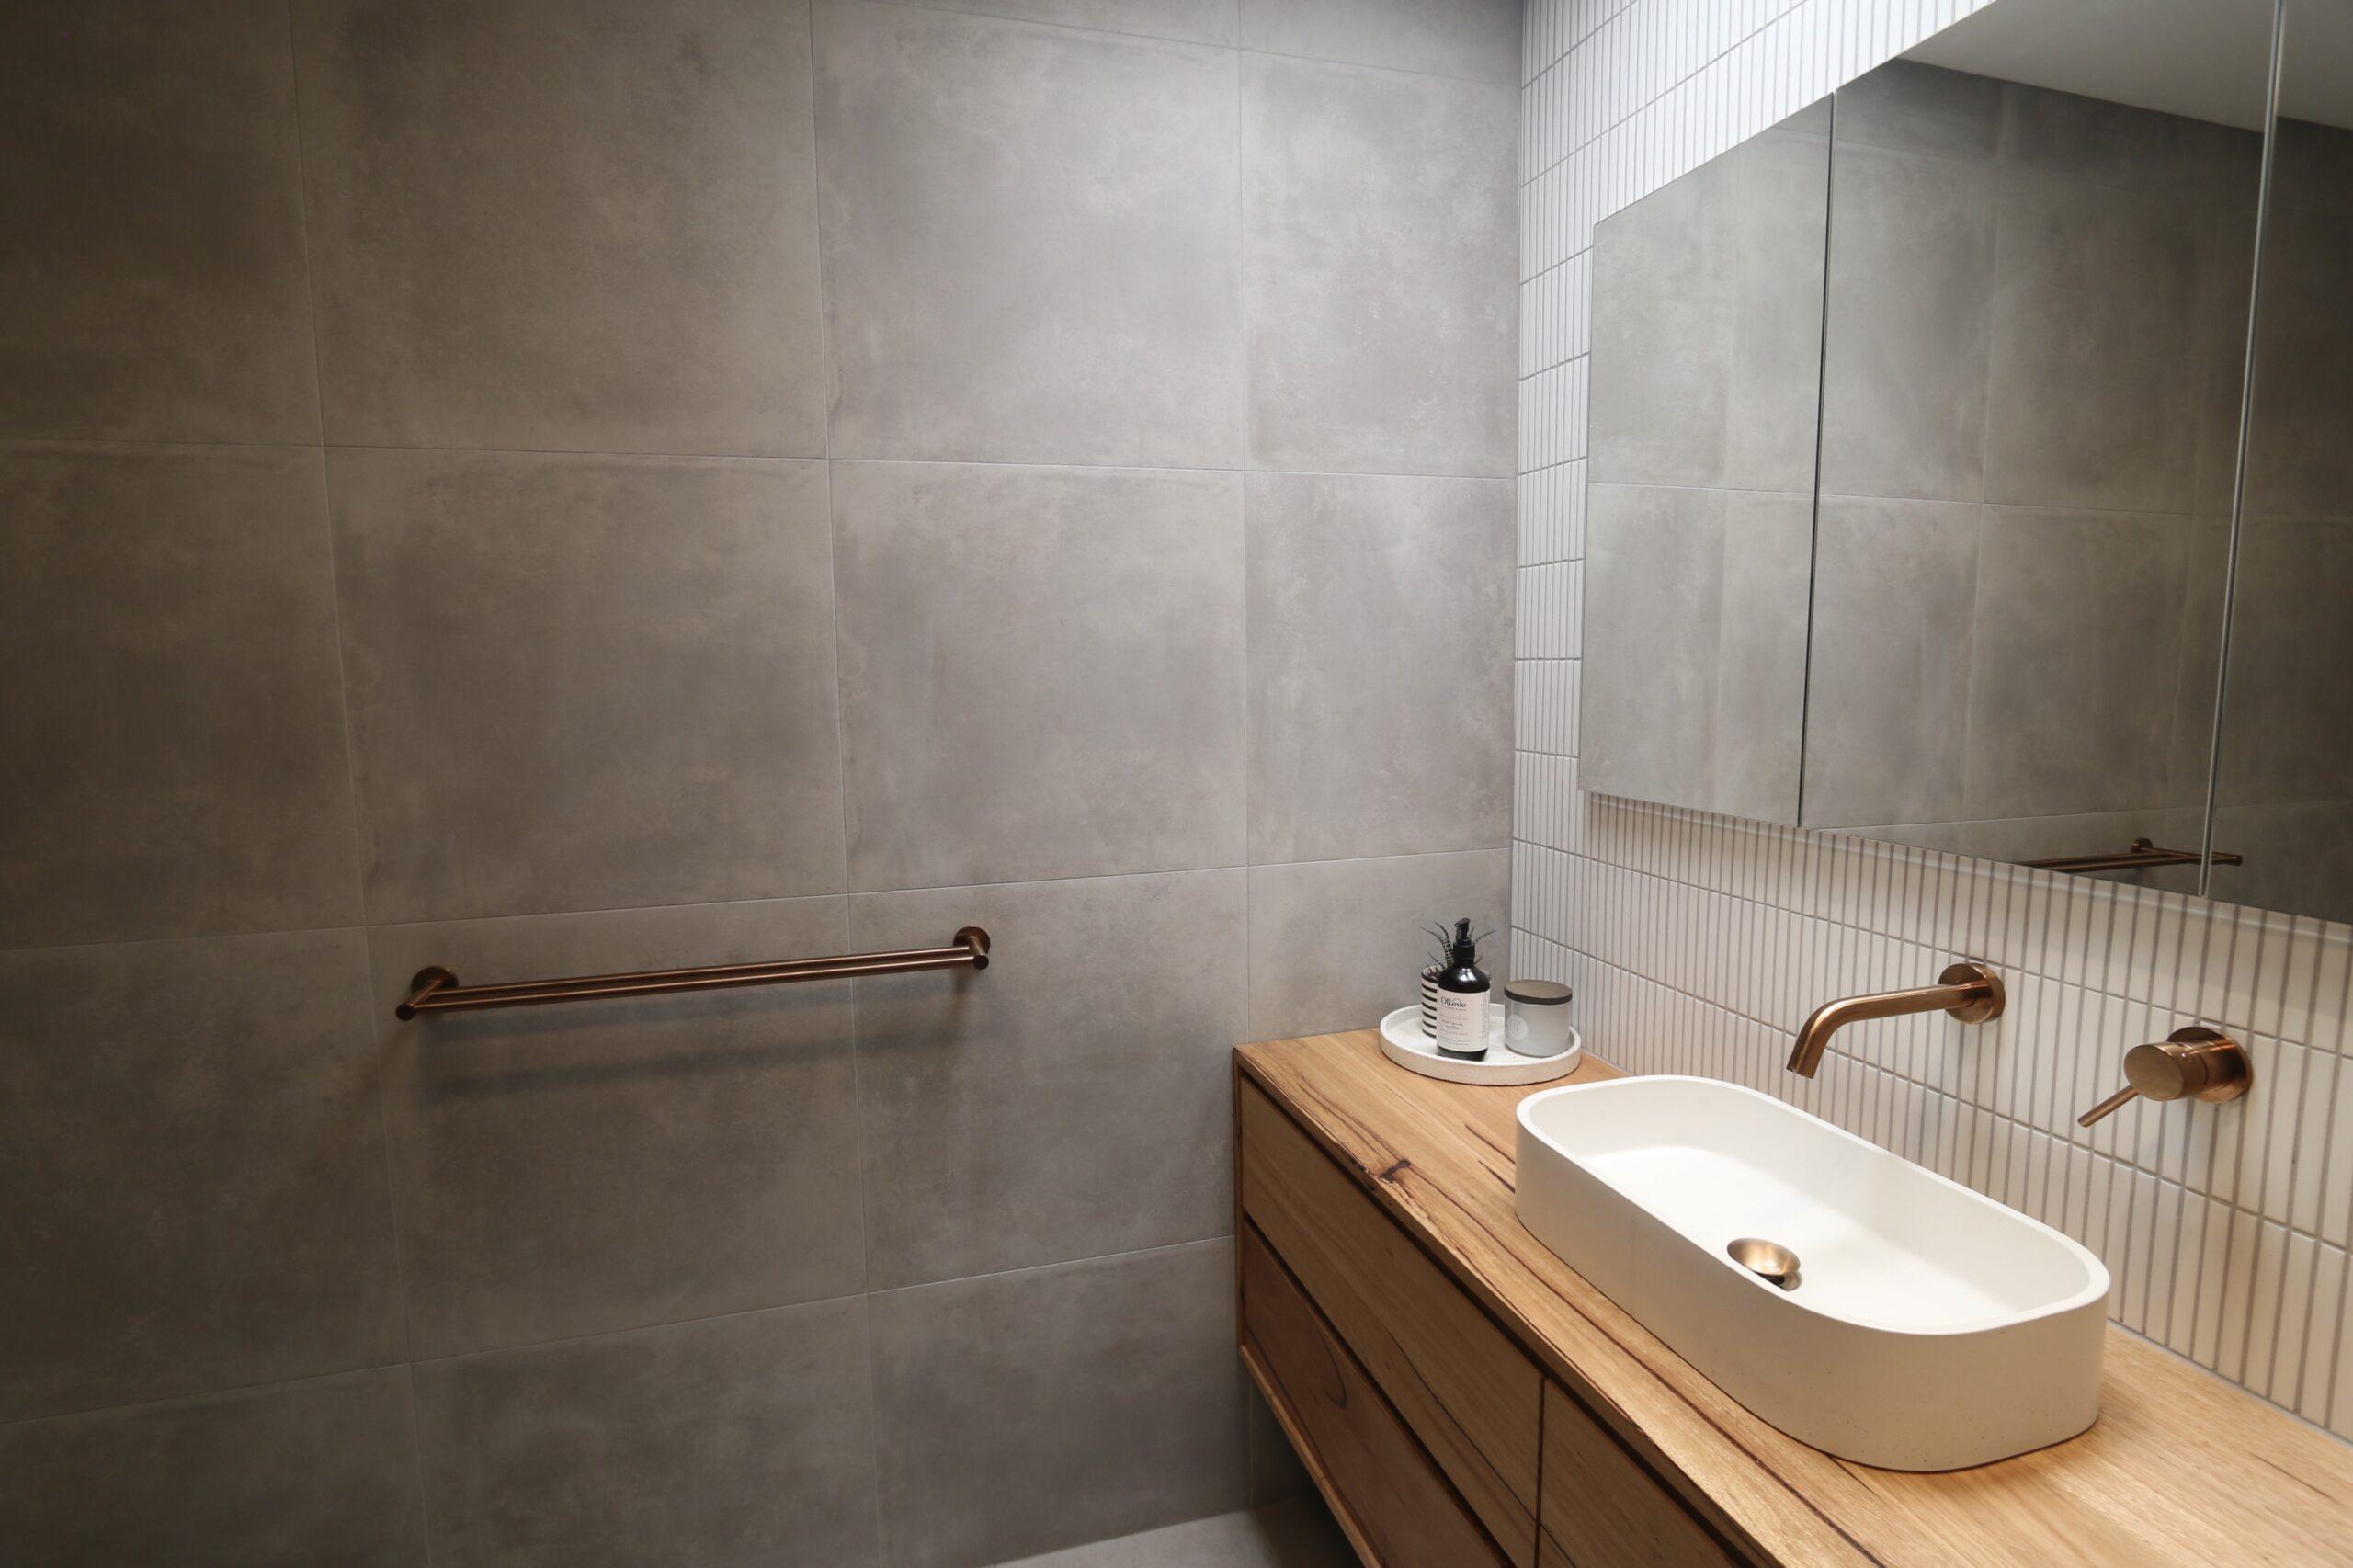 Moorooduc holiday rental, master bathroom basin detail